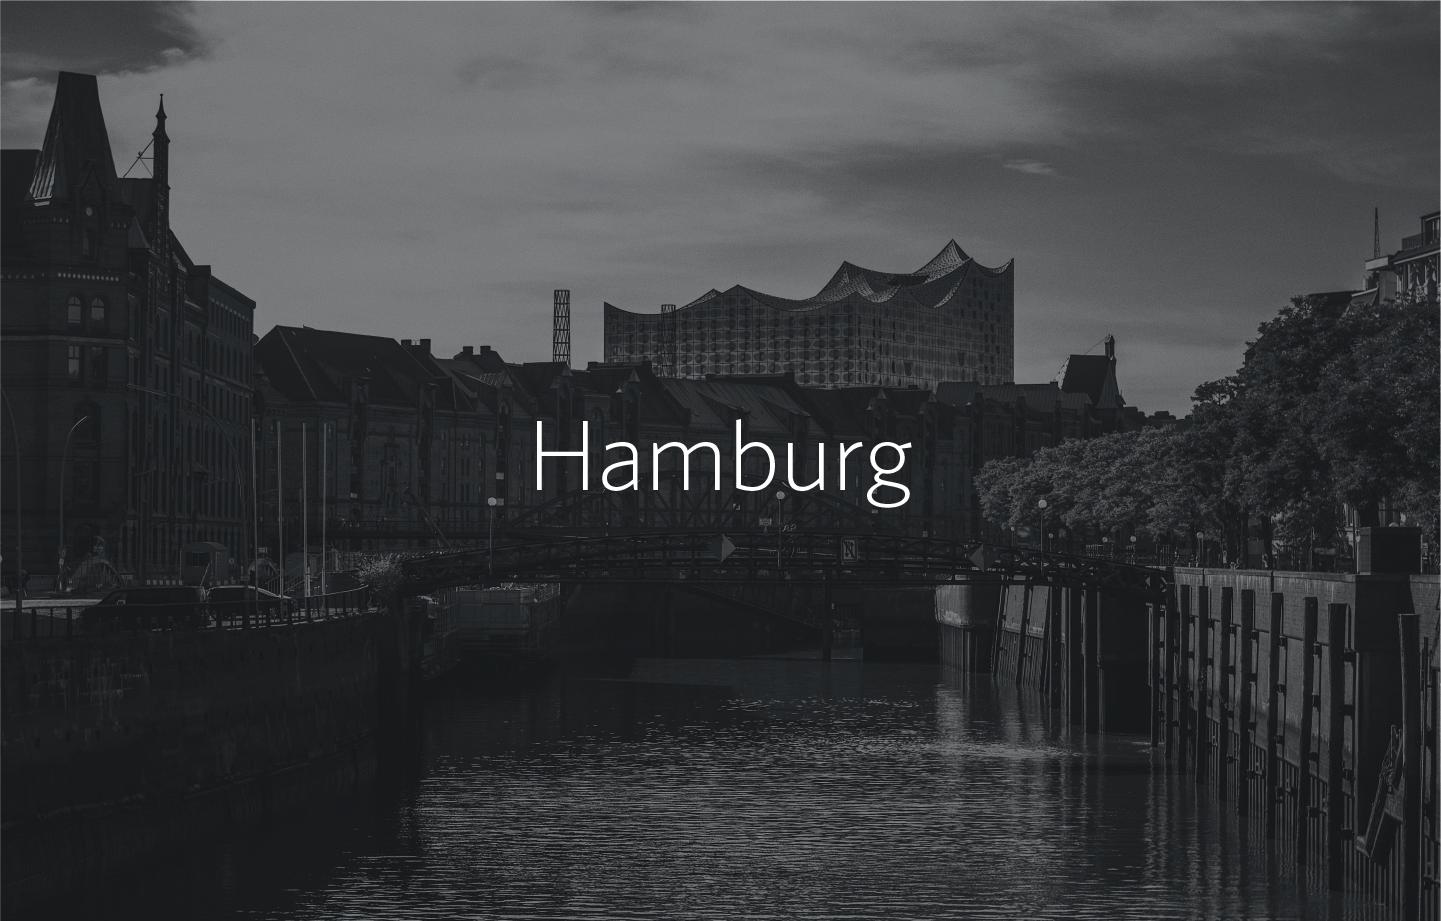 DE - Hamburg_rZwC.png